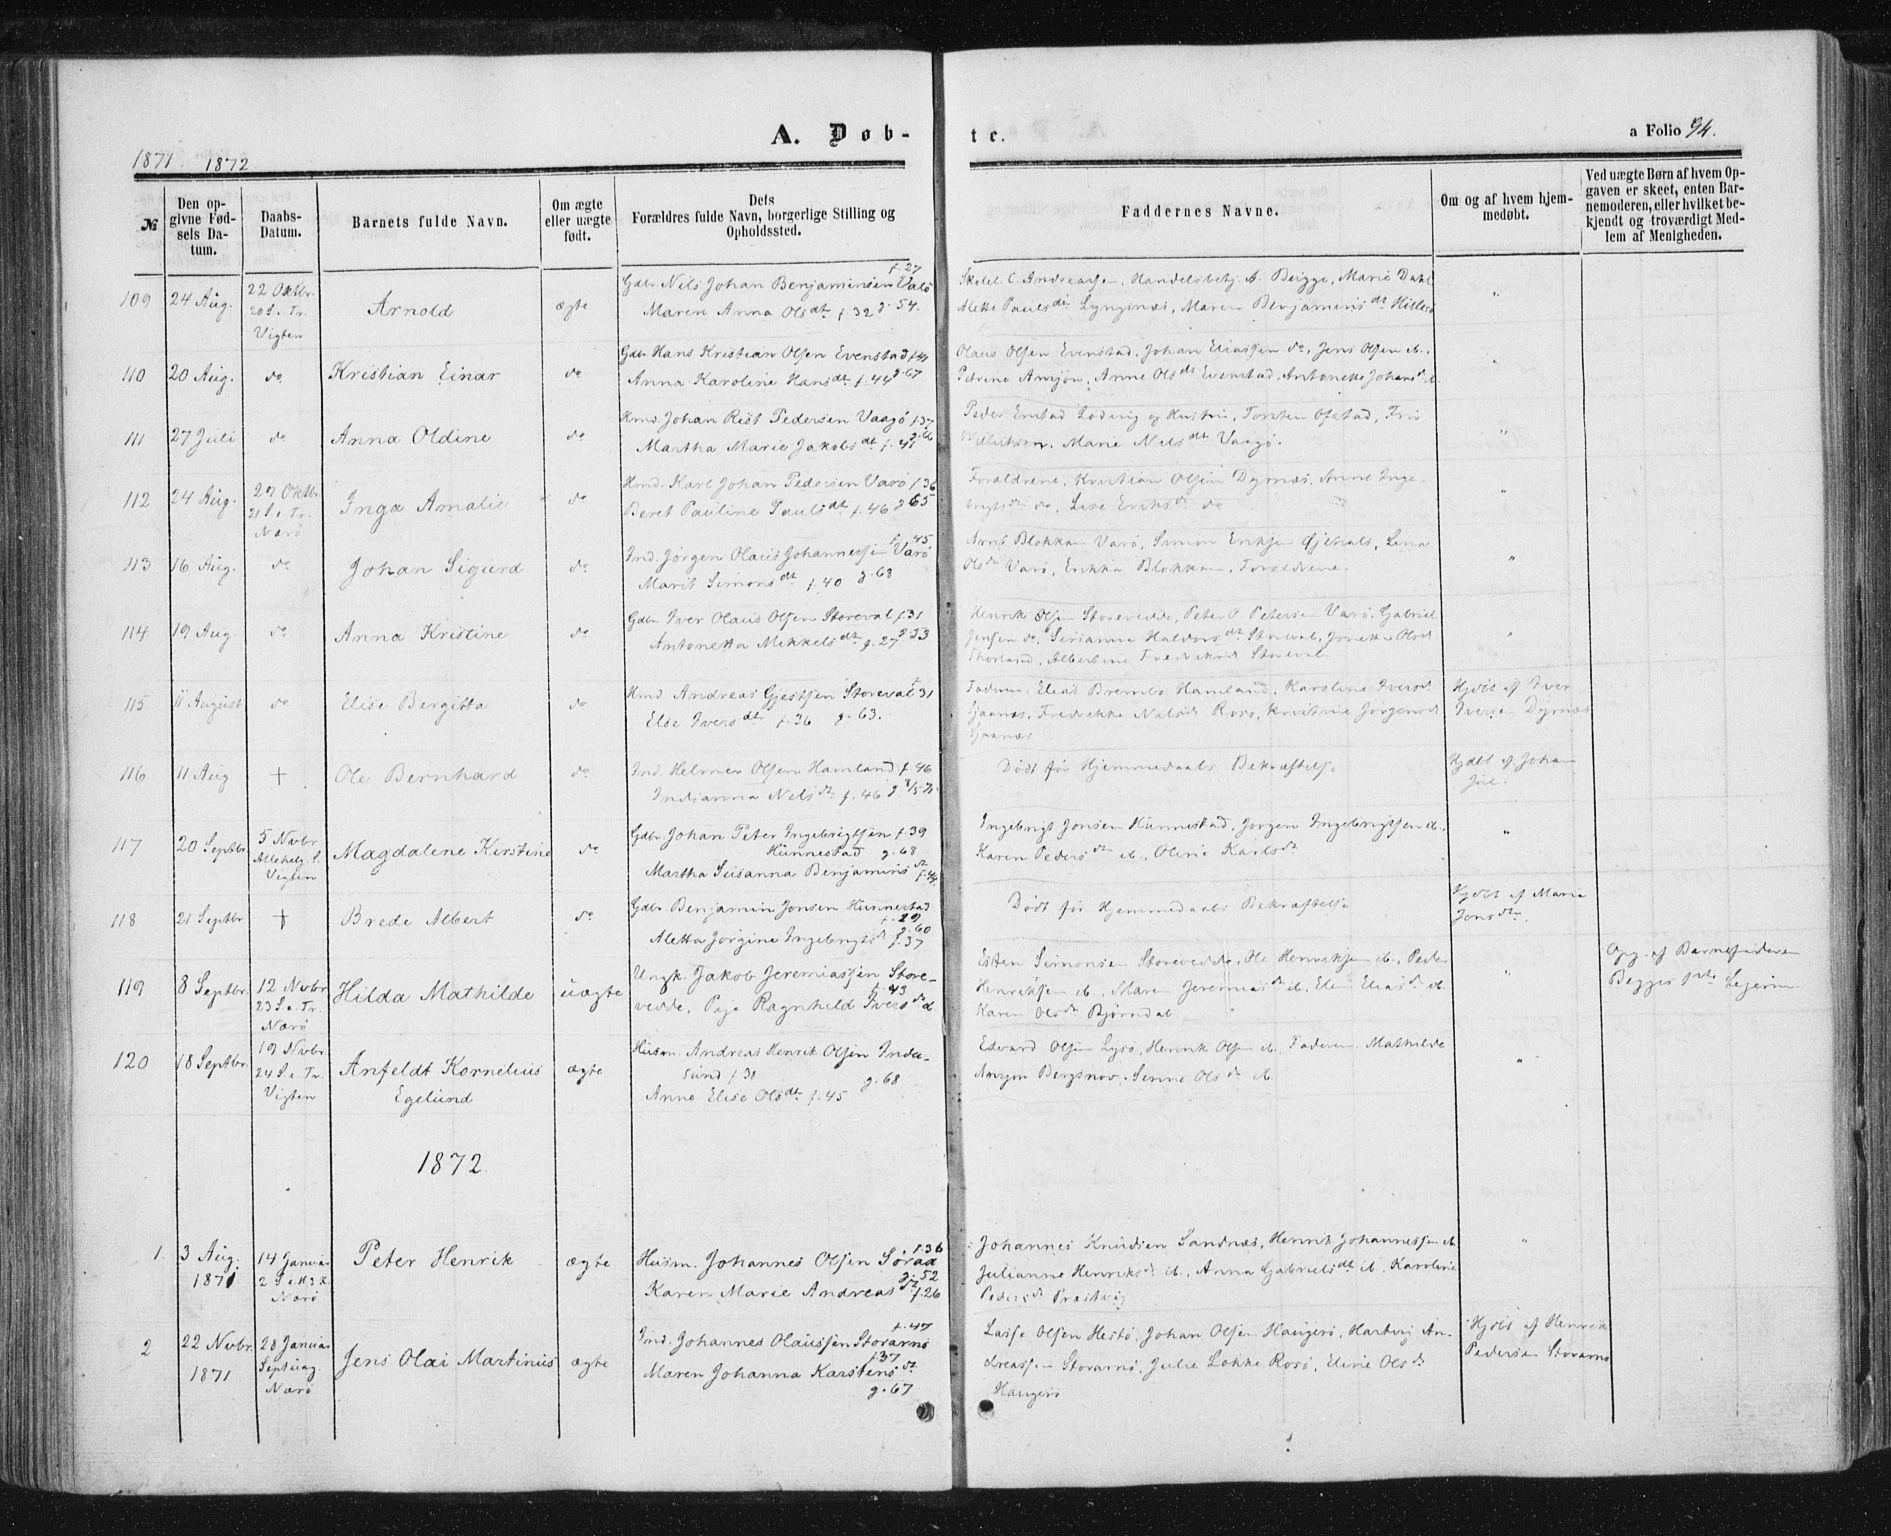 SAT, Ministerialprotokoller, klokkerbøker og fødselsregistre - Nord-Trøndelag, 784/L0670: Ministerialbok nr. 784A05, 1860-1876, s. 94